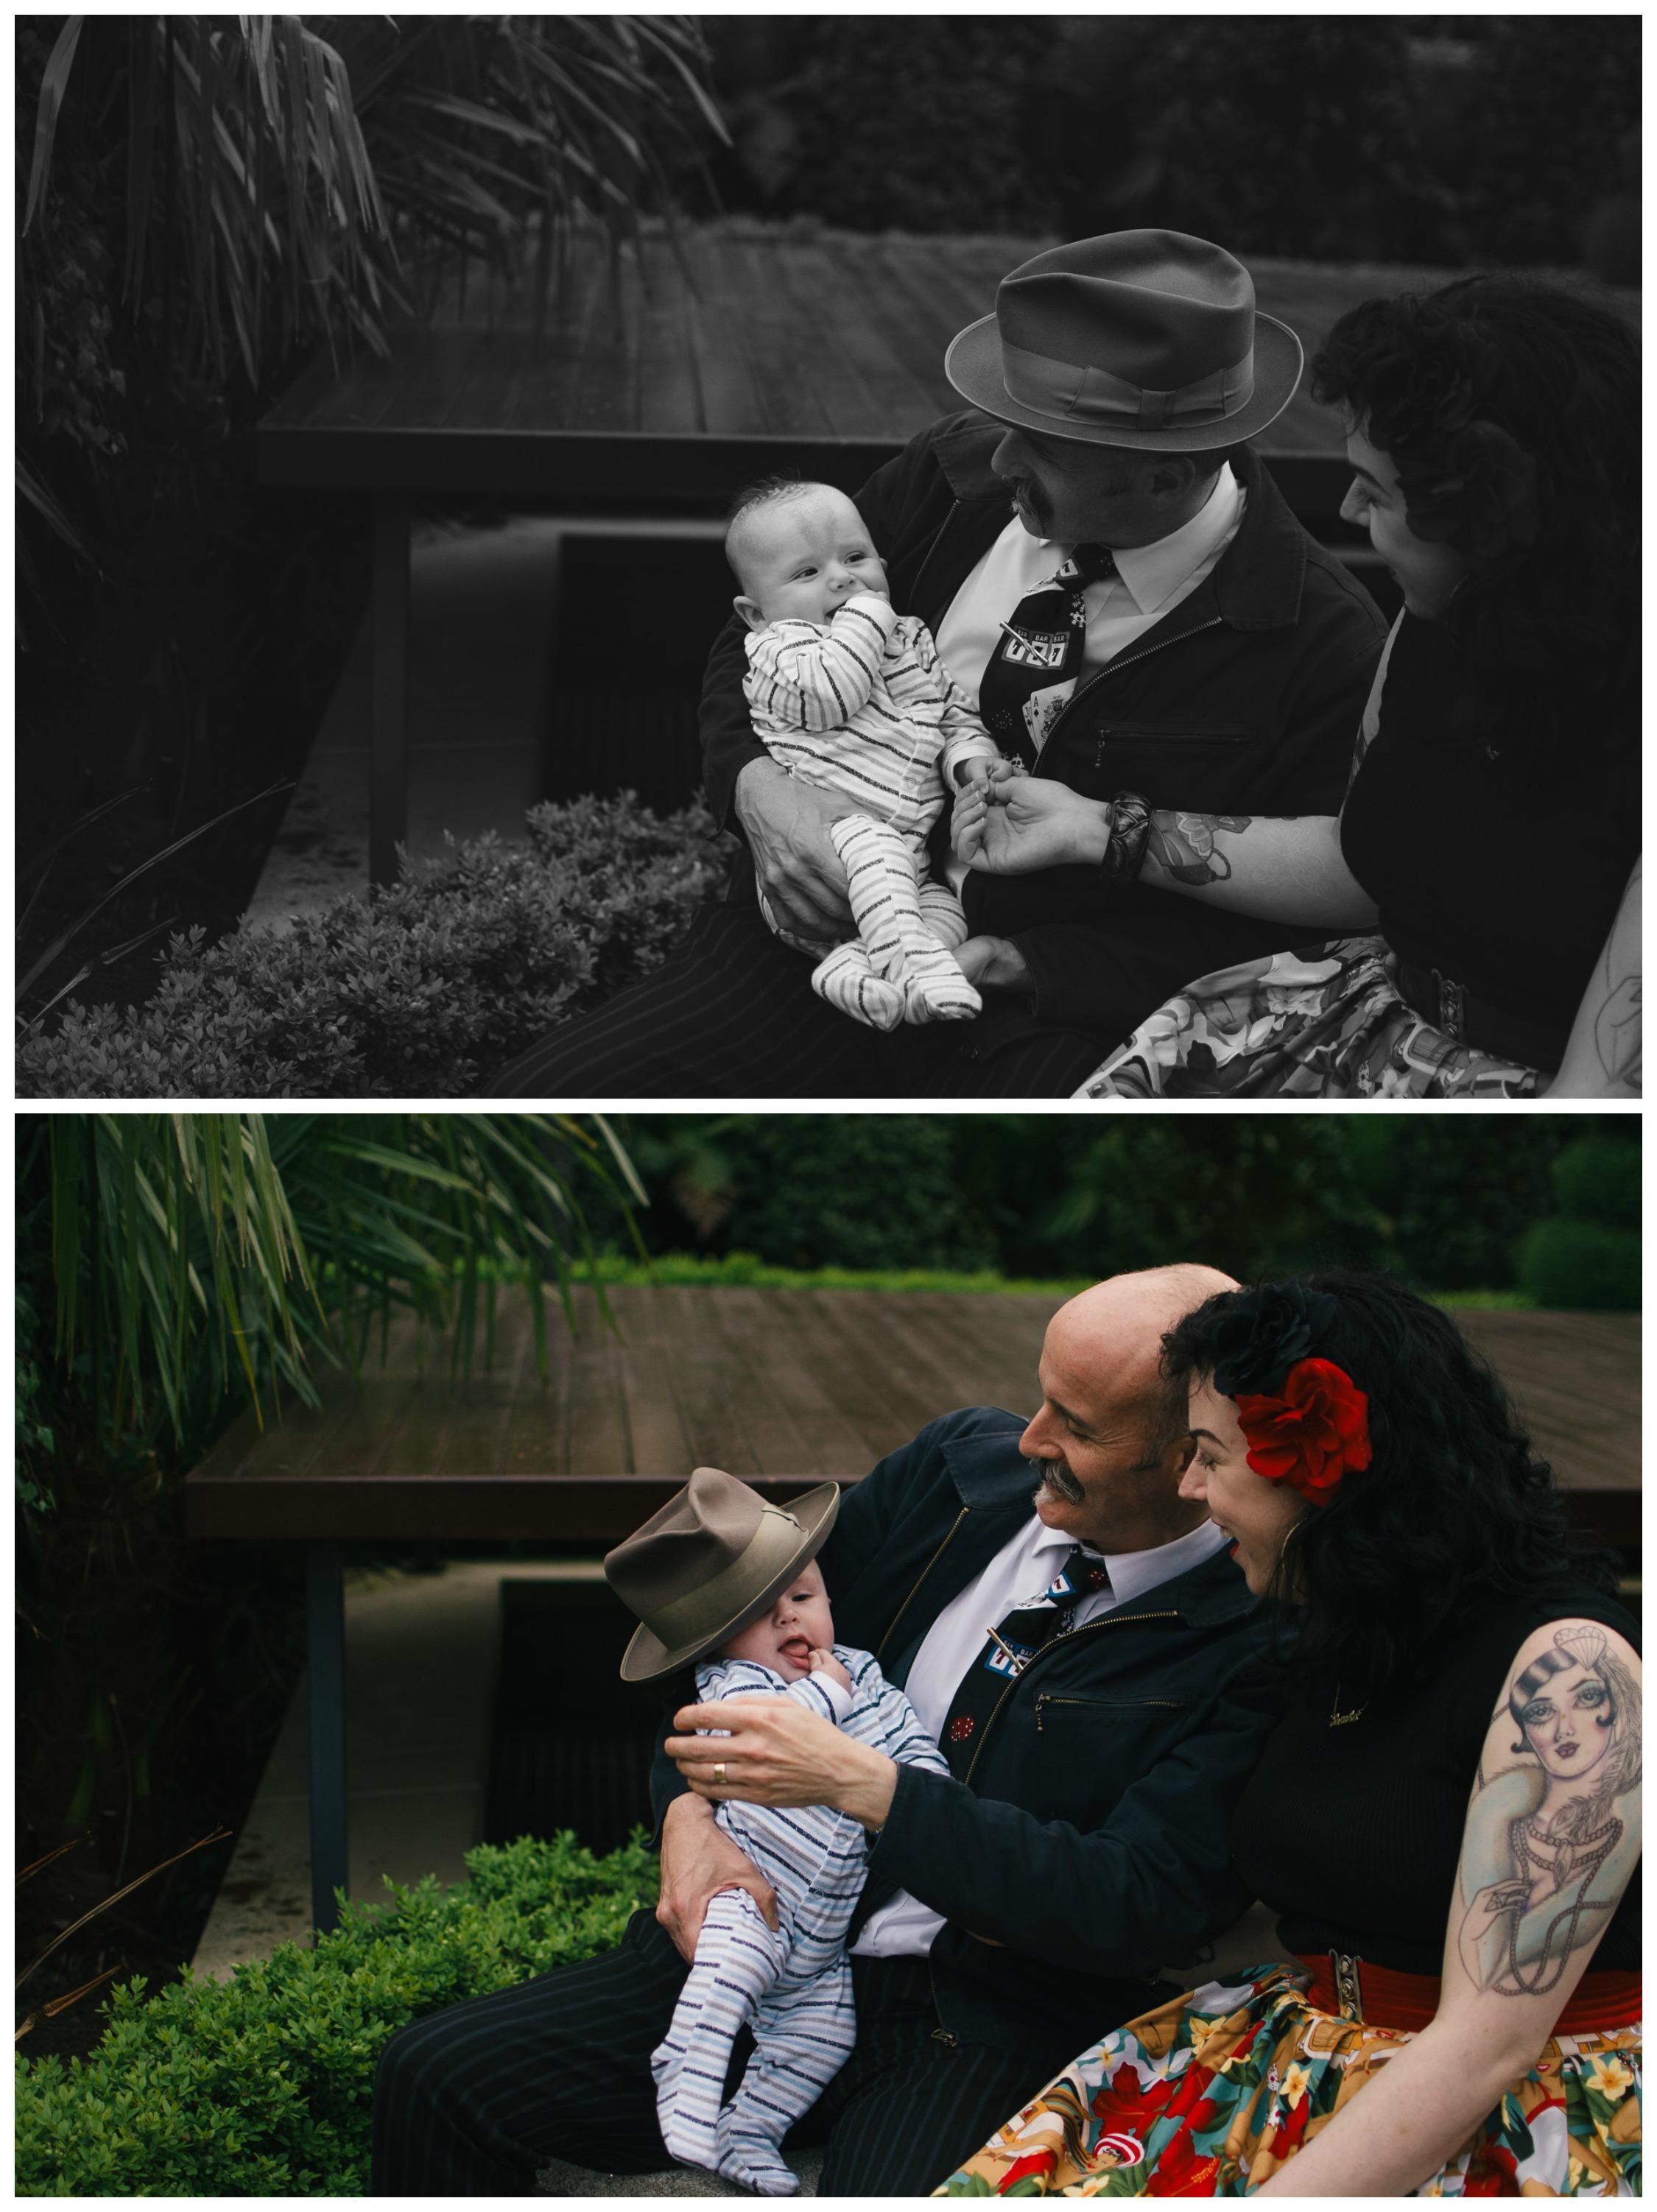 Firechild_Photography_Baby_DayInTheLife_Dublin_Ireland_5